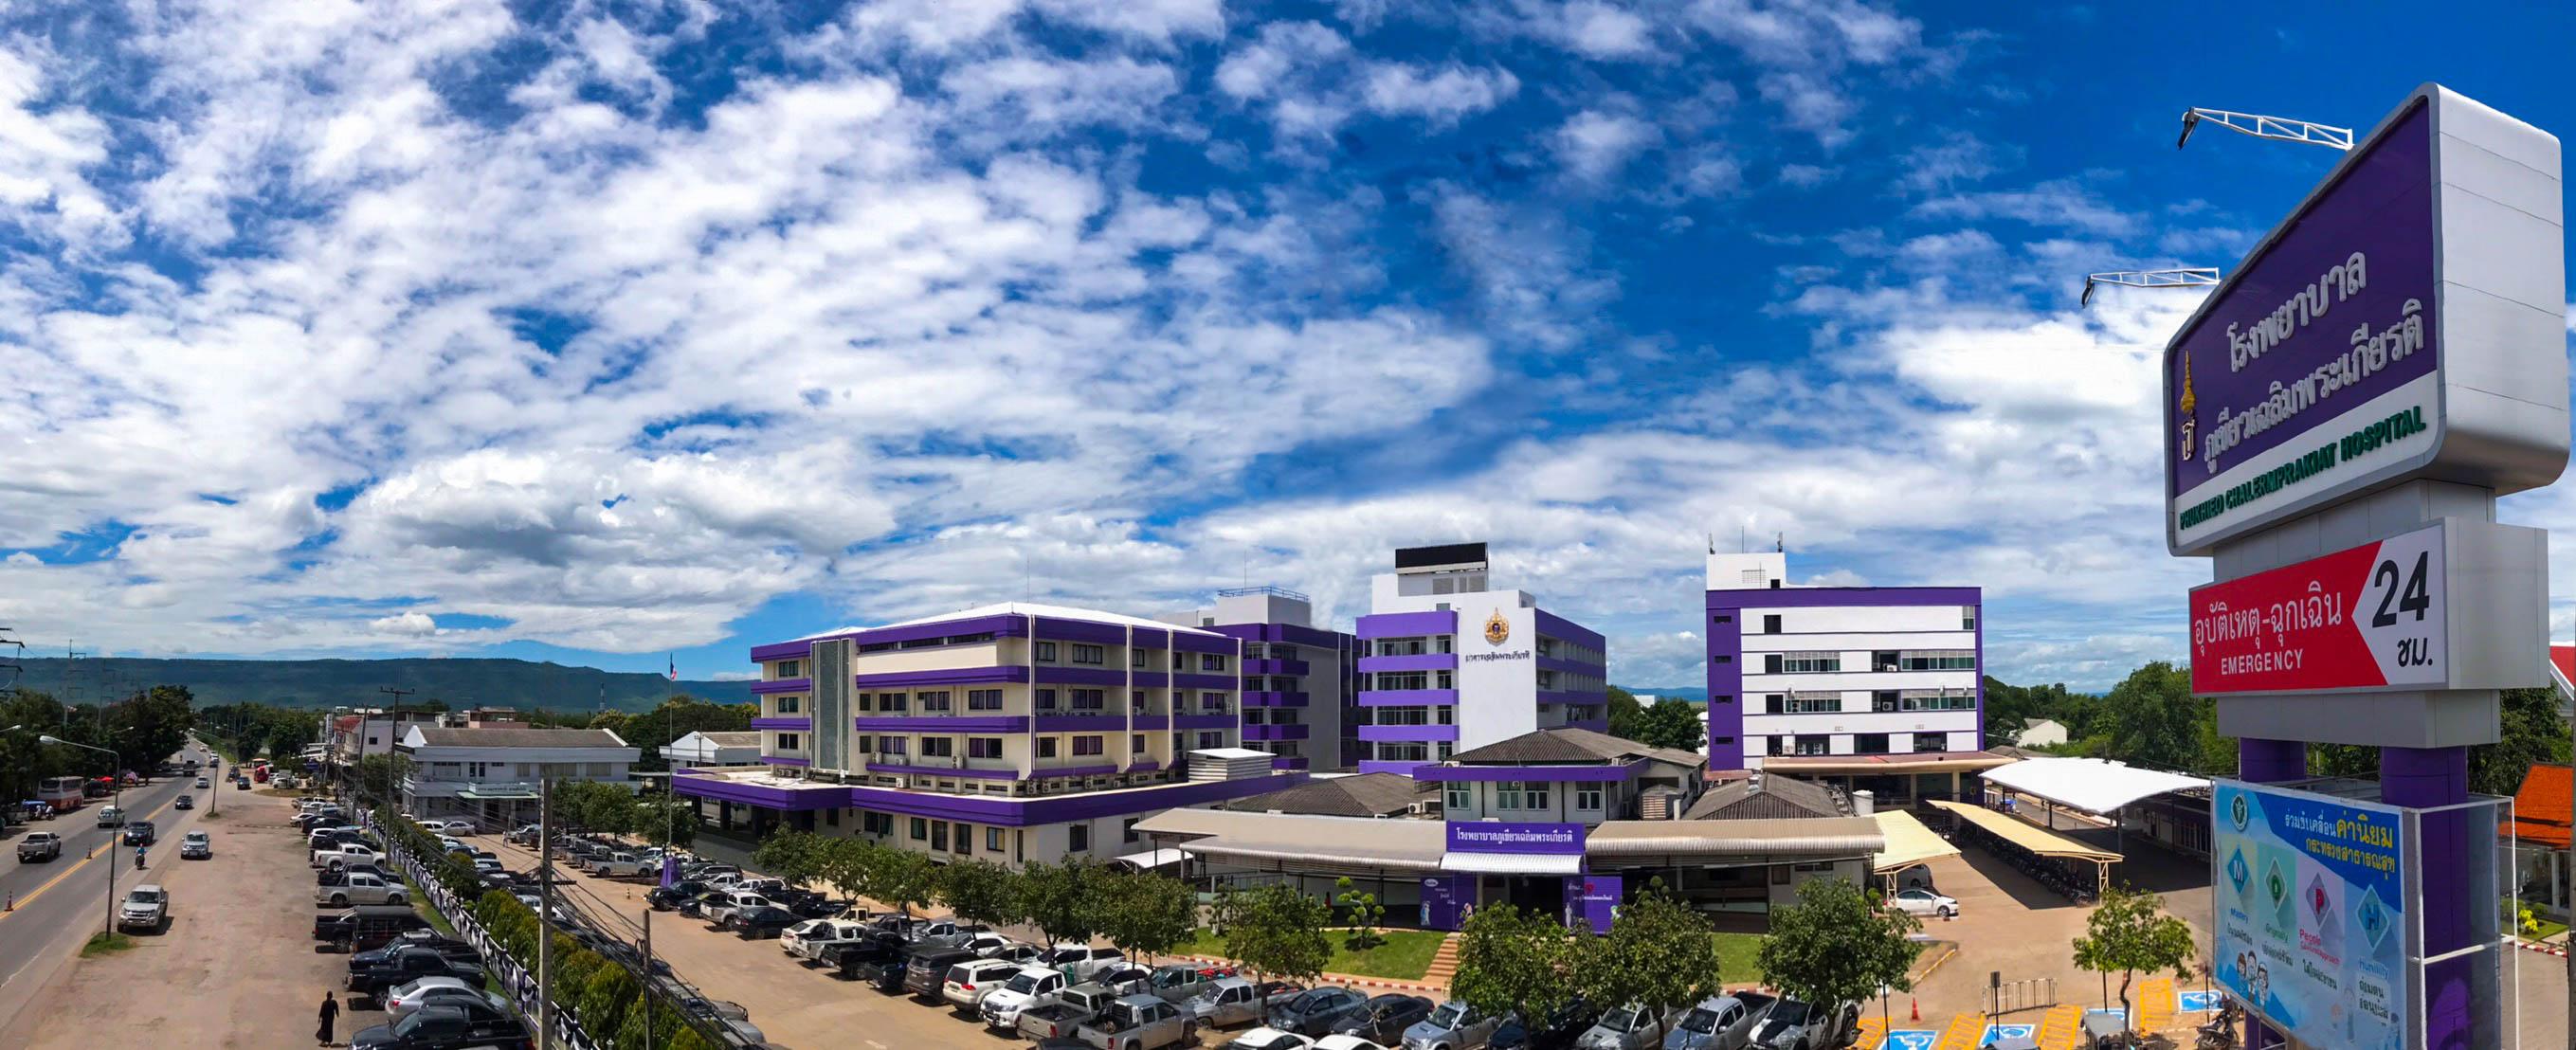 โรงพยาบาลภูเขียวเฉลิมพระเกียรติ